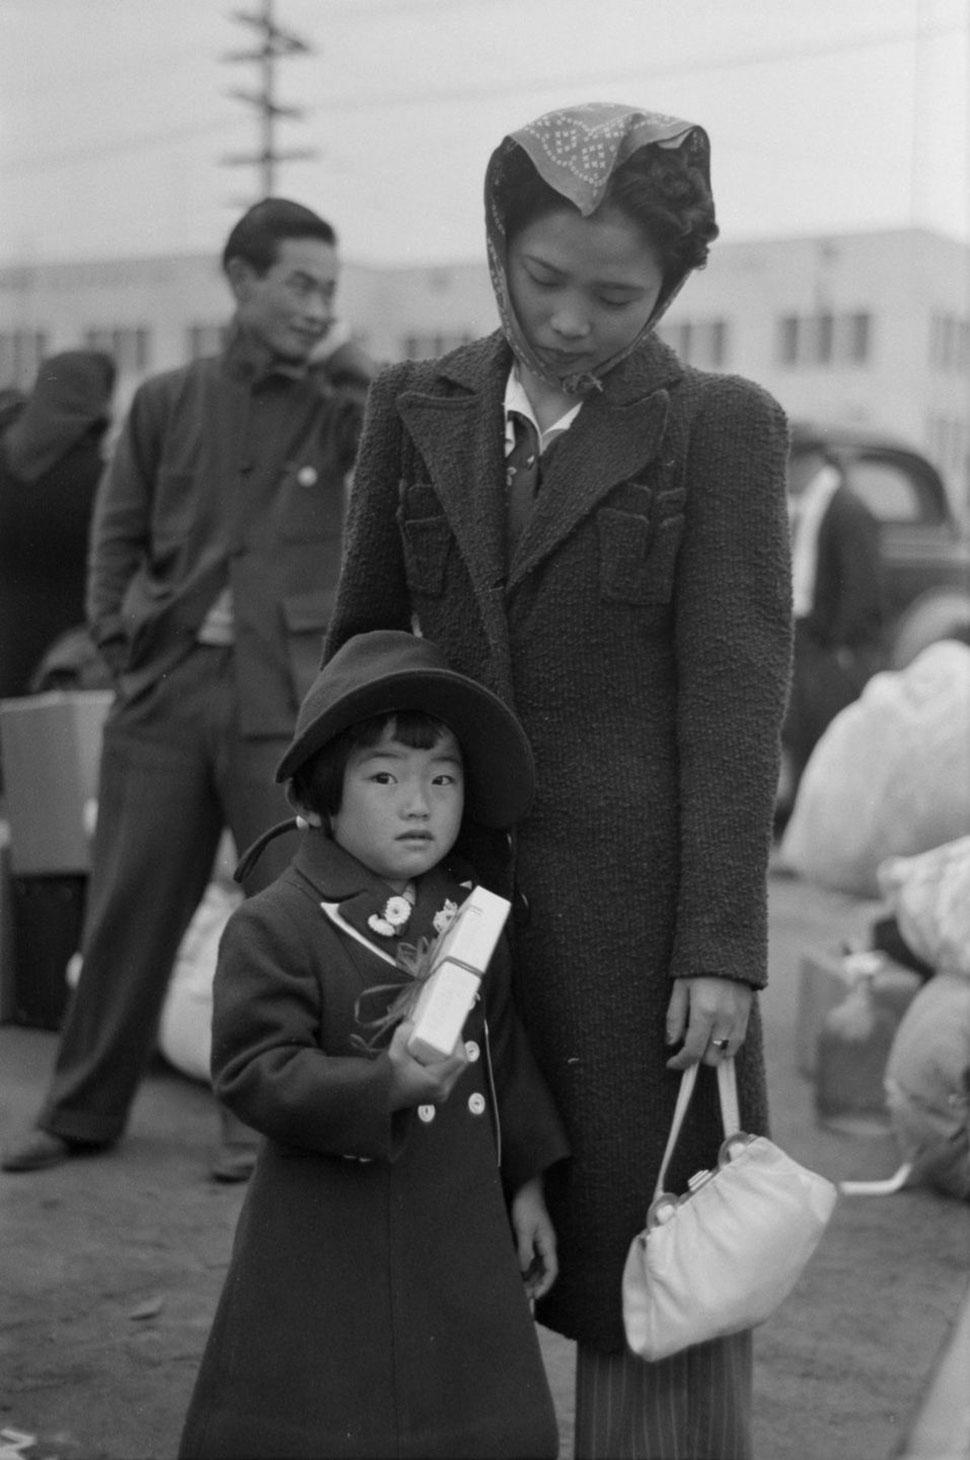 Мать и дочь готовятся к отправке в лагерь на железнодорожной станции в Лос-Анджелесе.